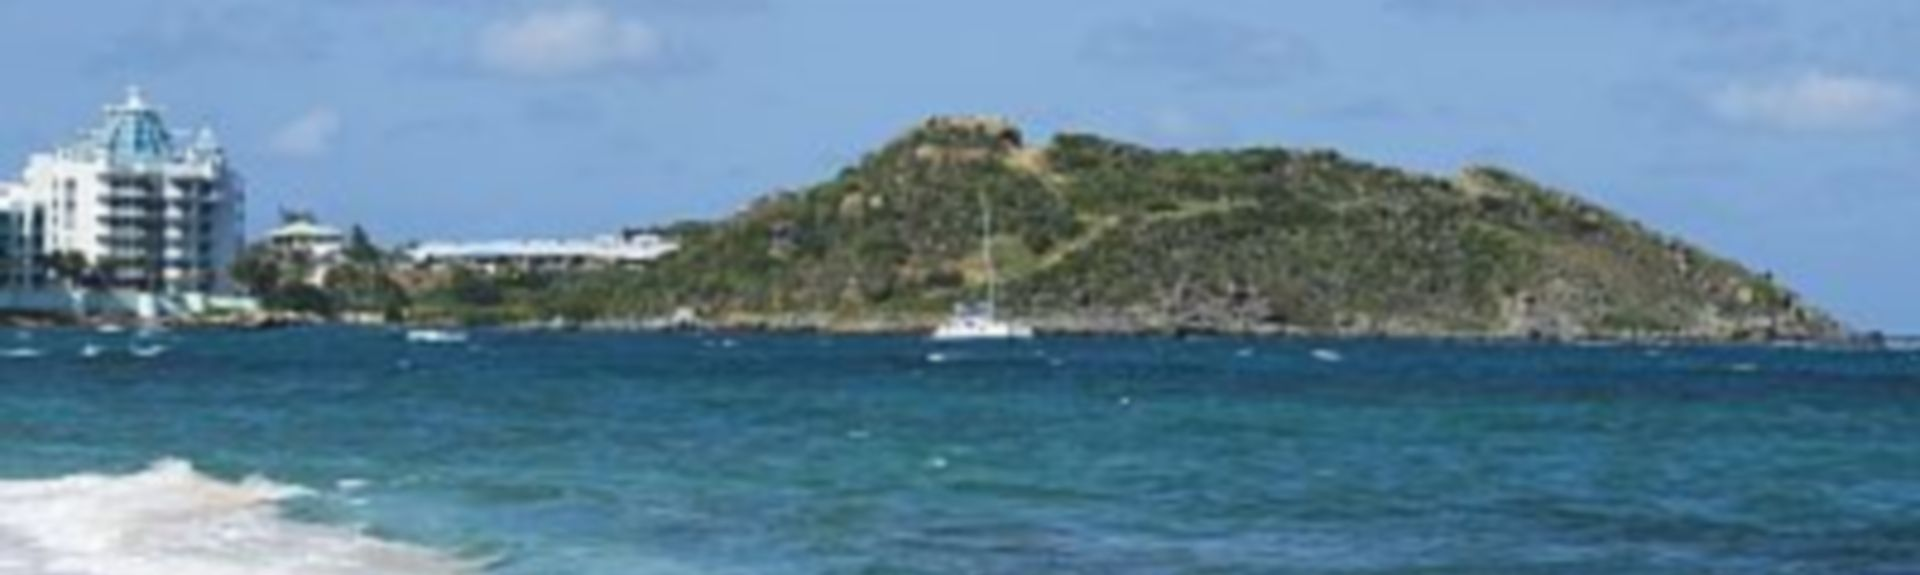 Pelican Key, Sint Maarten